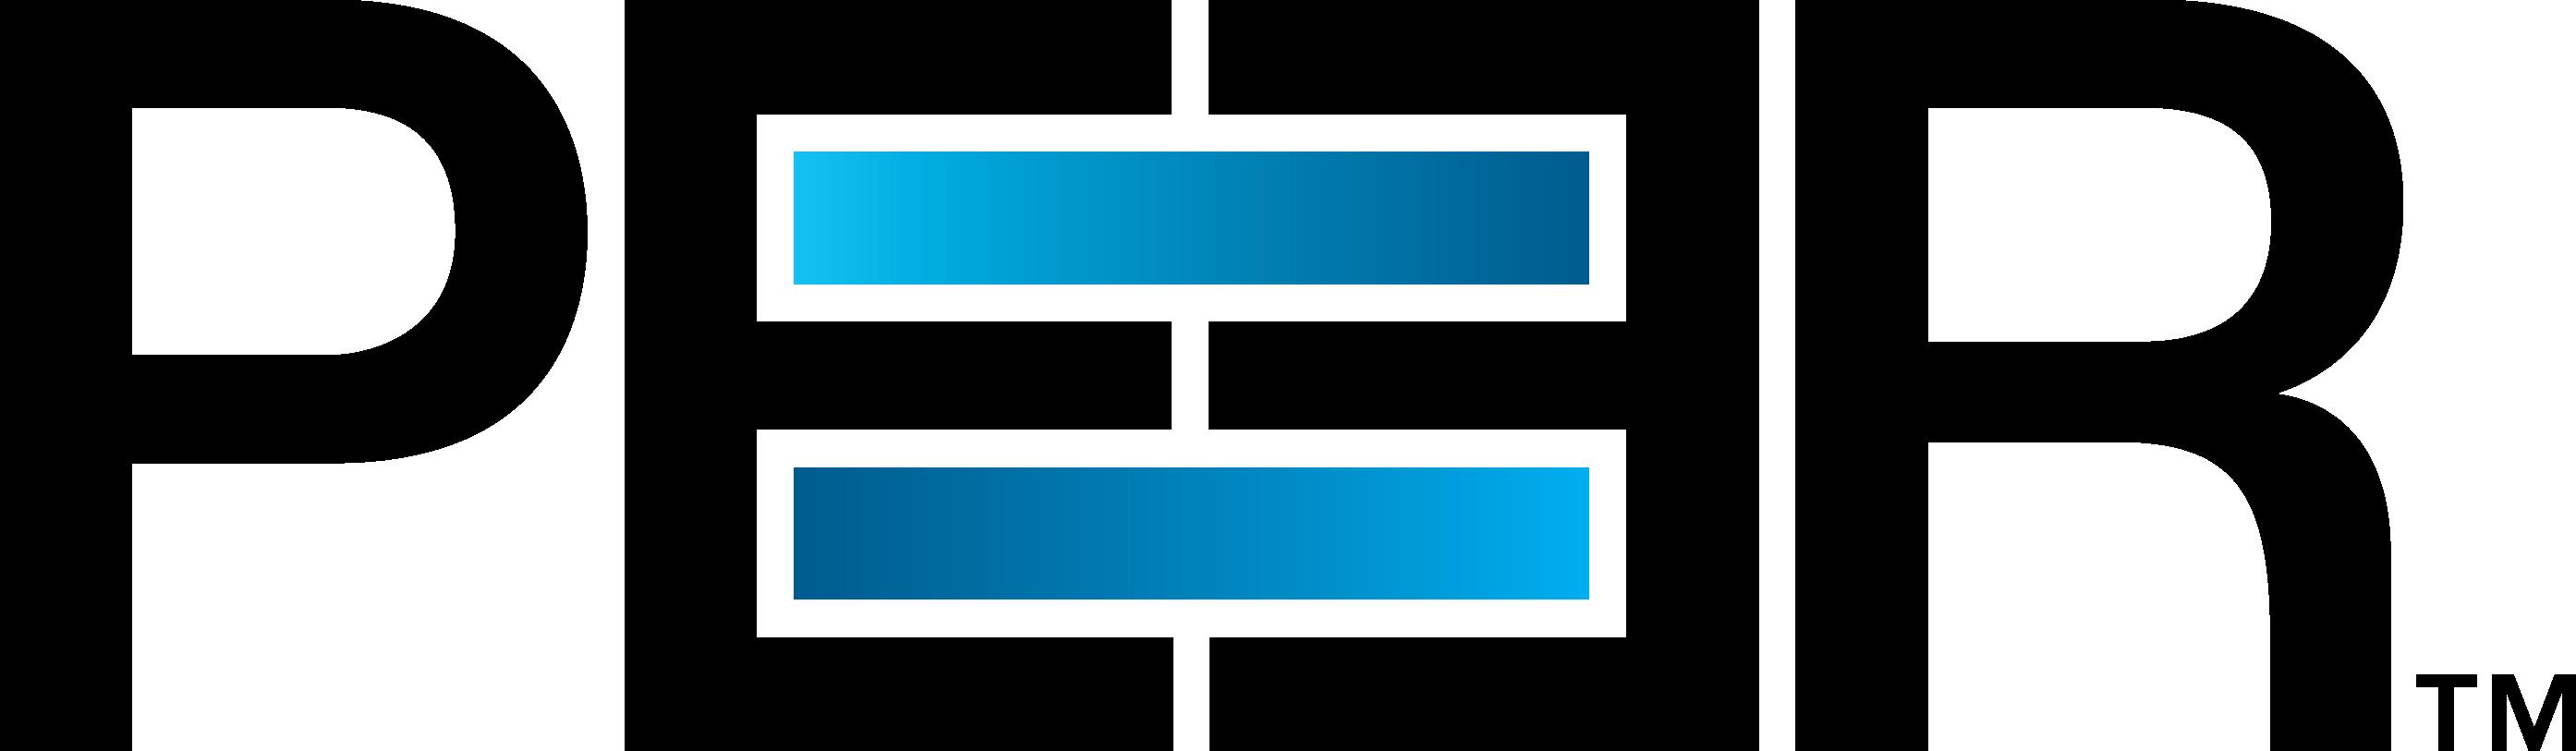 Peer Software Logo